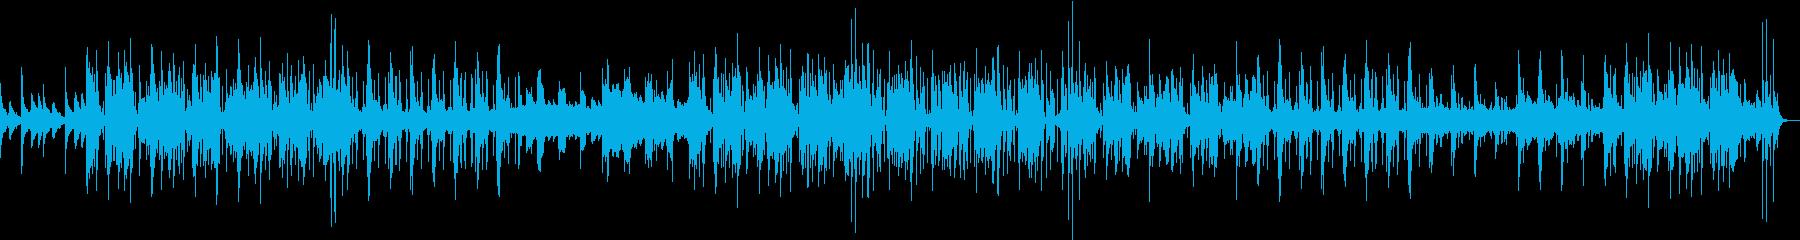 お洒落なピアノジャズの再生済みの波形